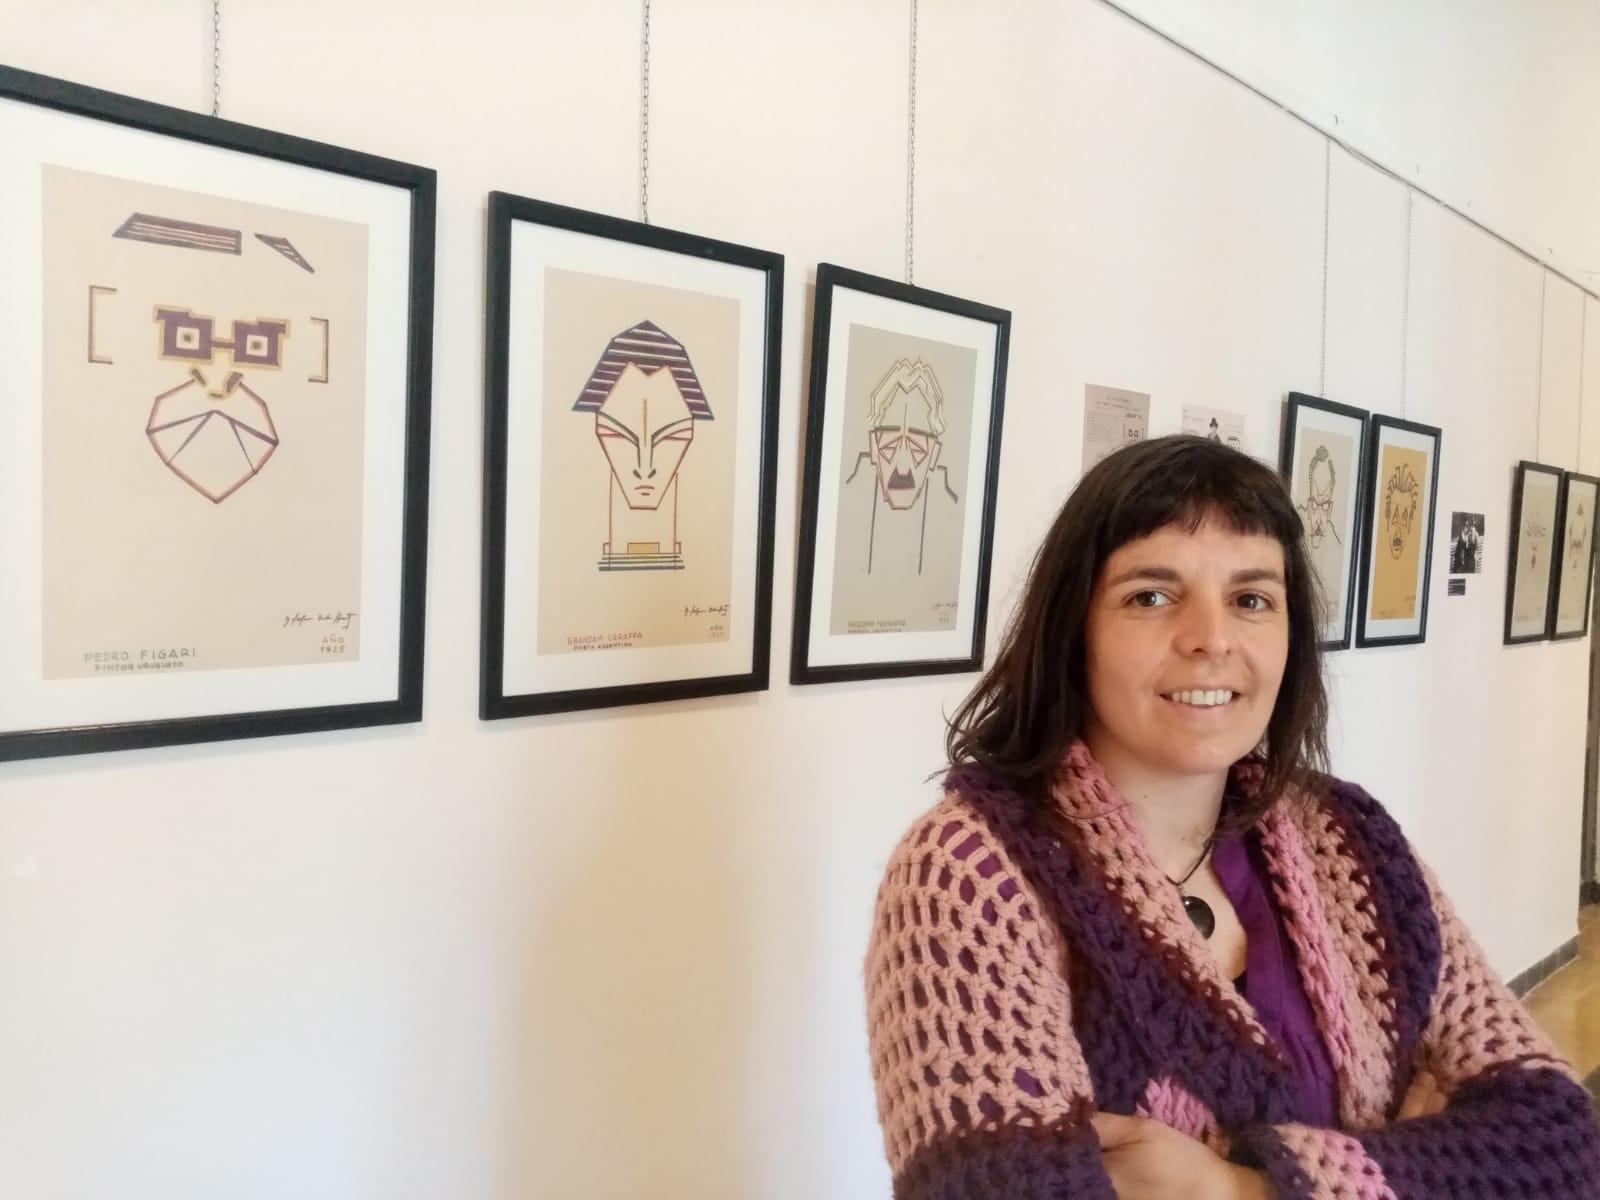 Valeria Lluviera junto a las arquicaricaturas de Dardo Salguero en el Museo